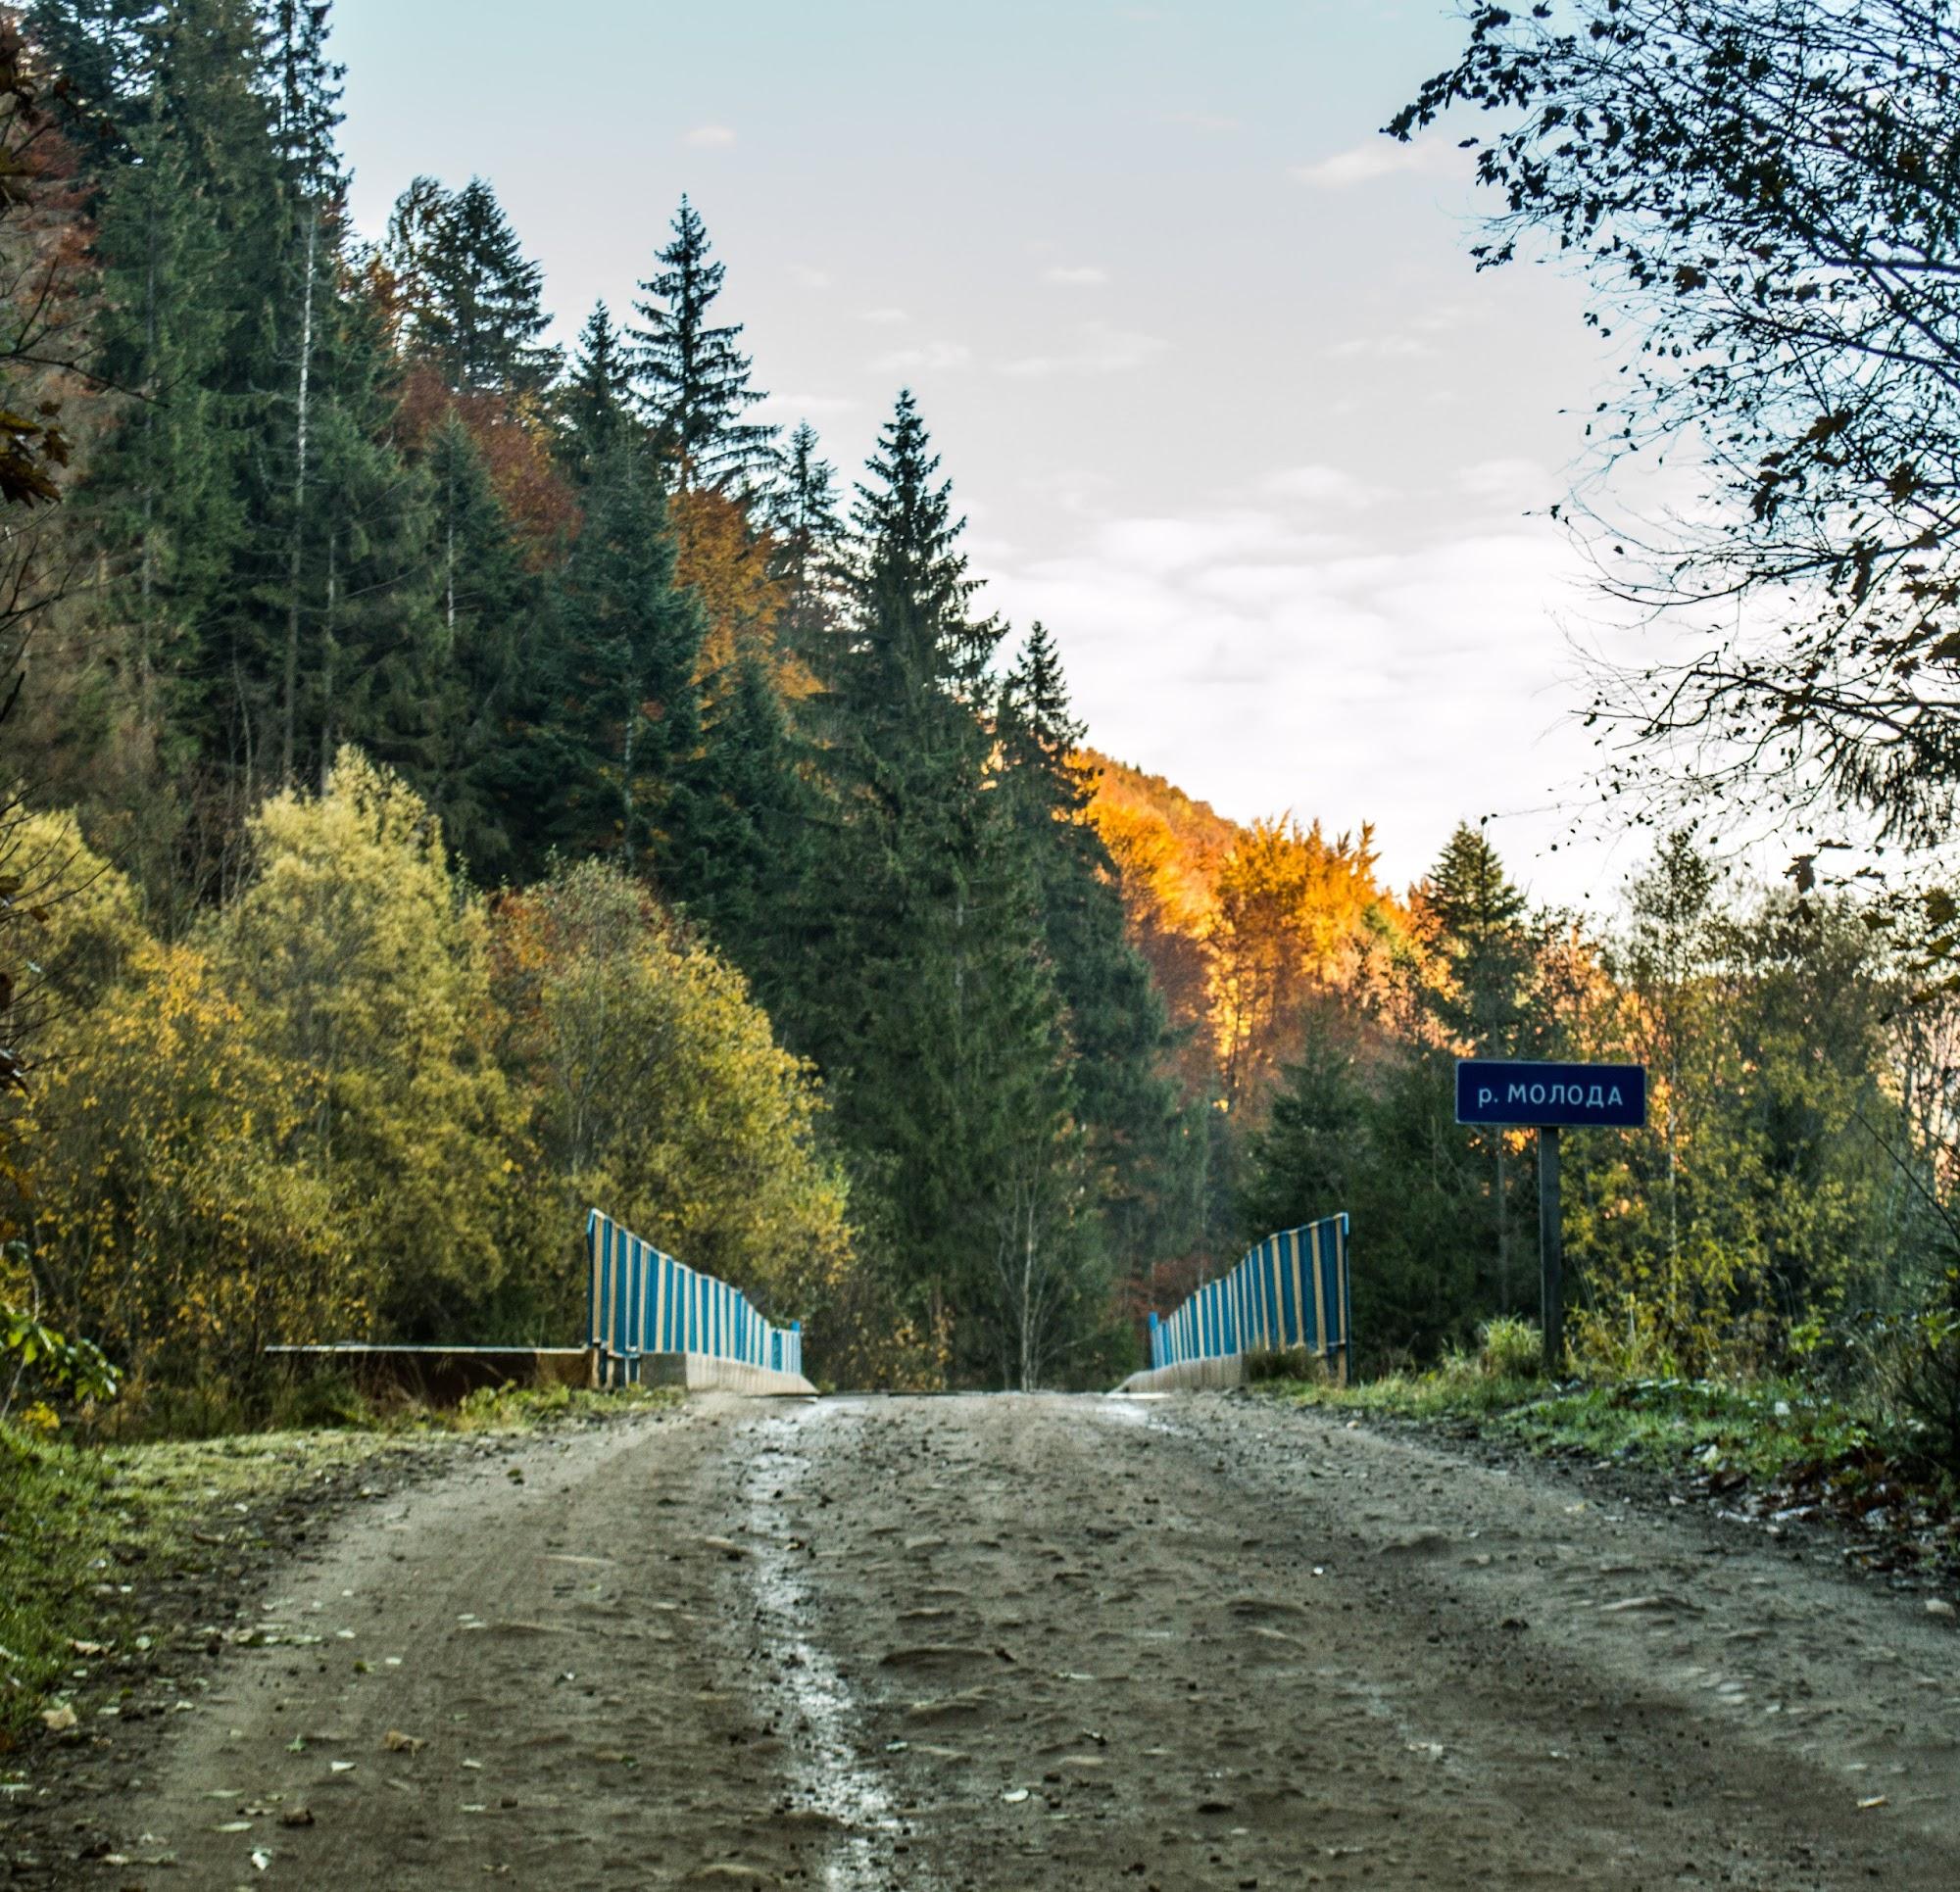 Міст через річку Молода